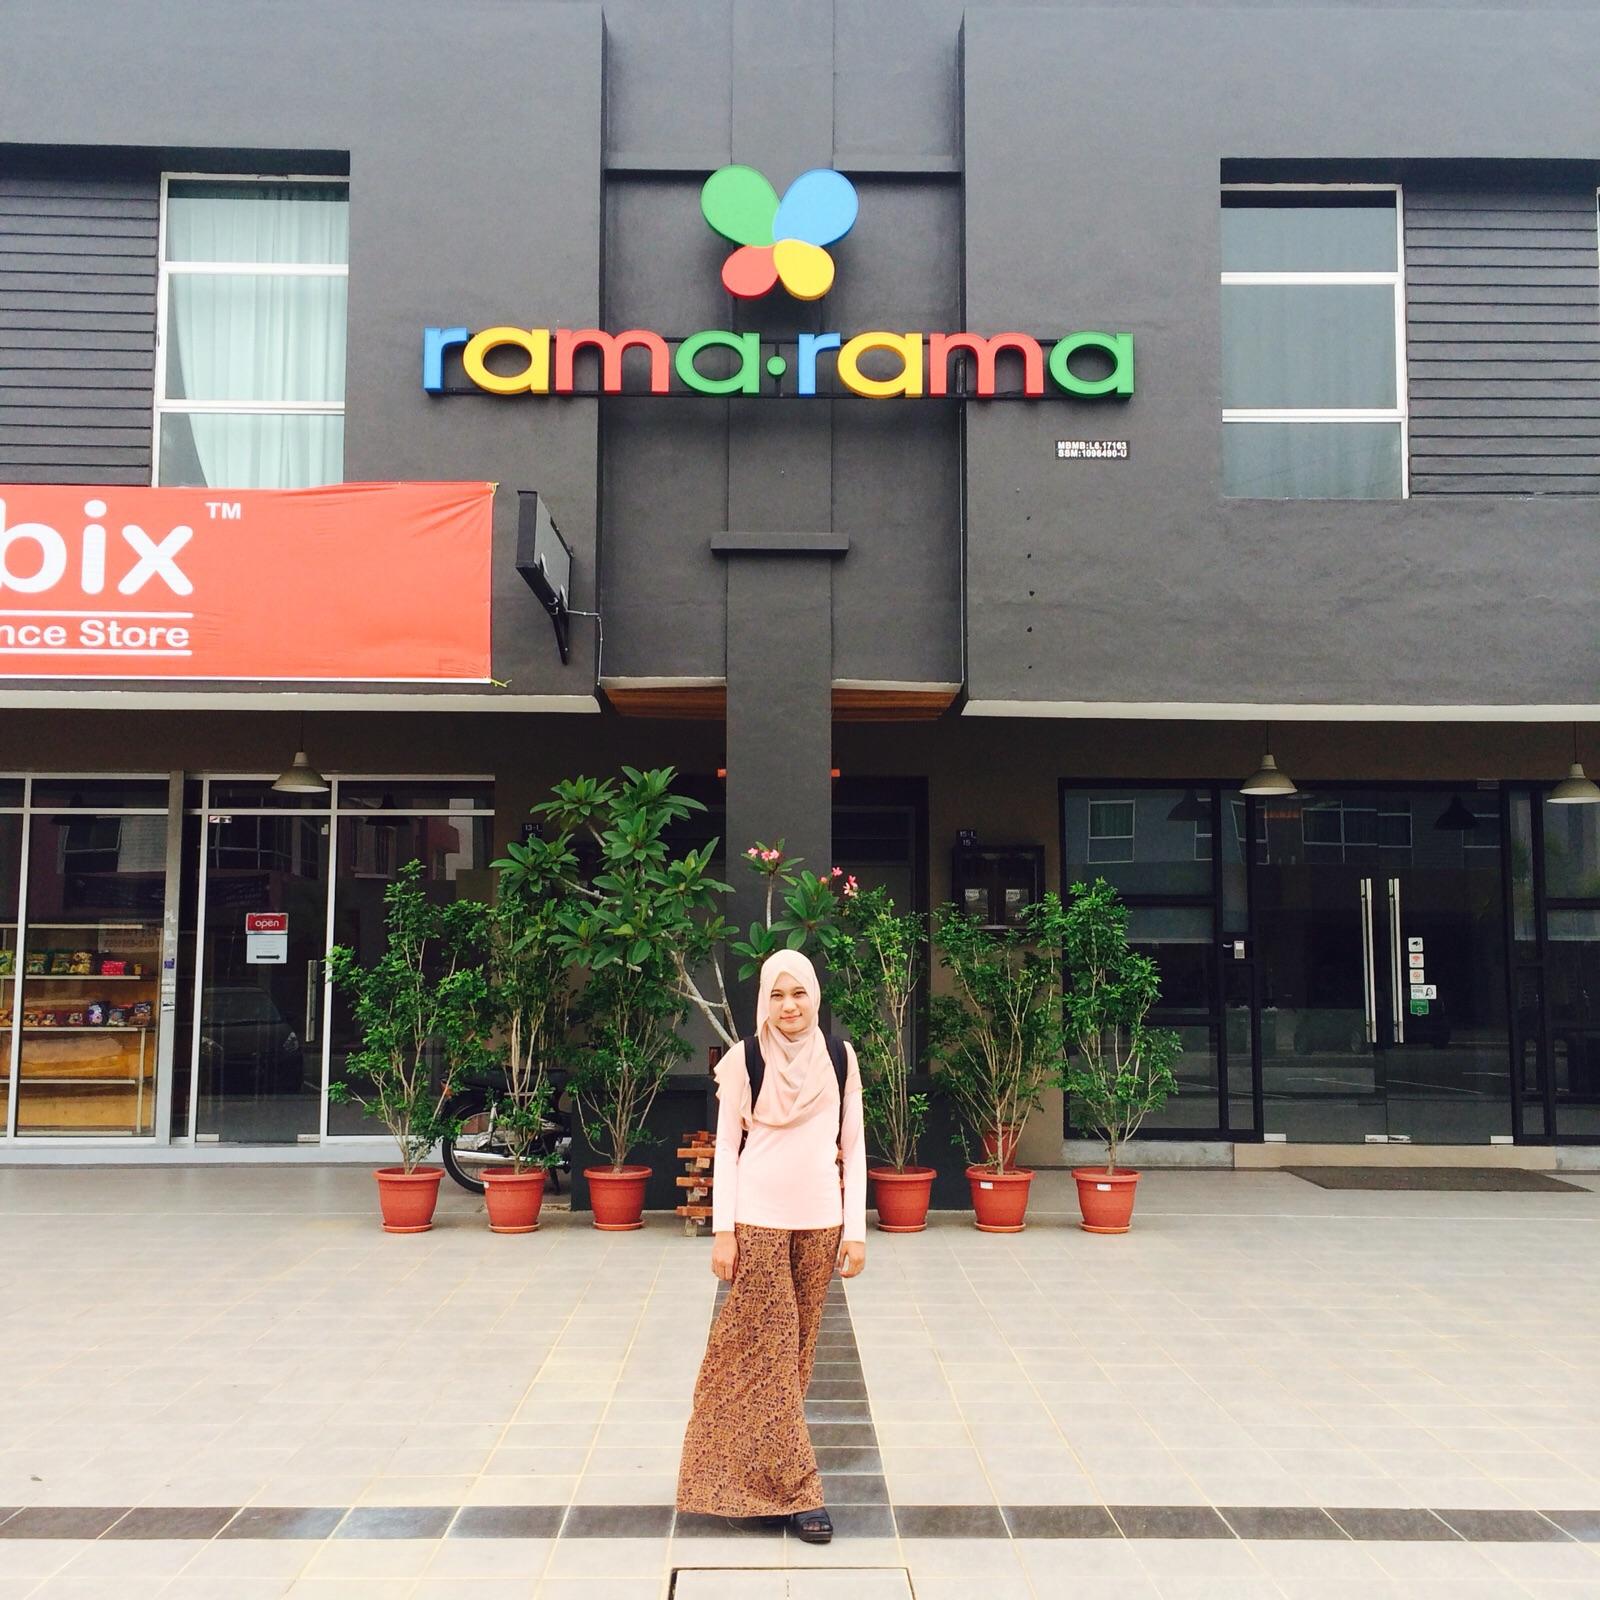 Excited Teghuk Bila Touchdown Depan RamaRama Hotel Ni Dari Luar Je Dah Tersergam Kecomelan Dia Memang Comel Sangat